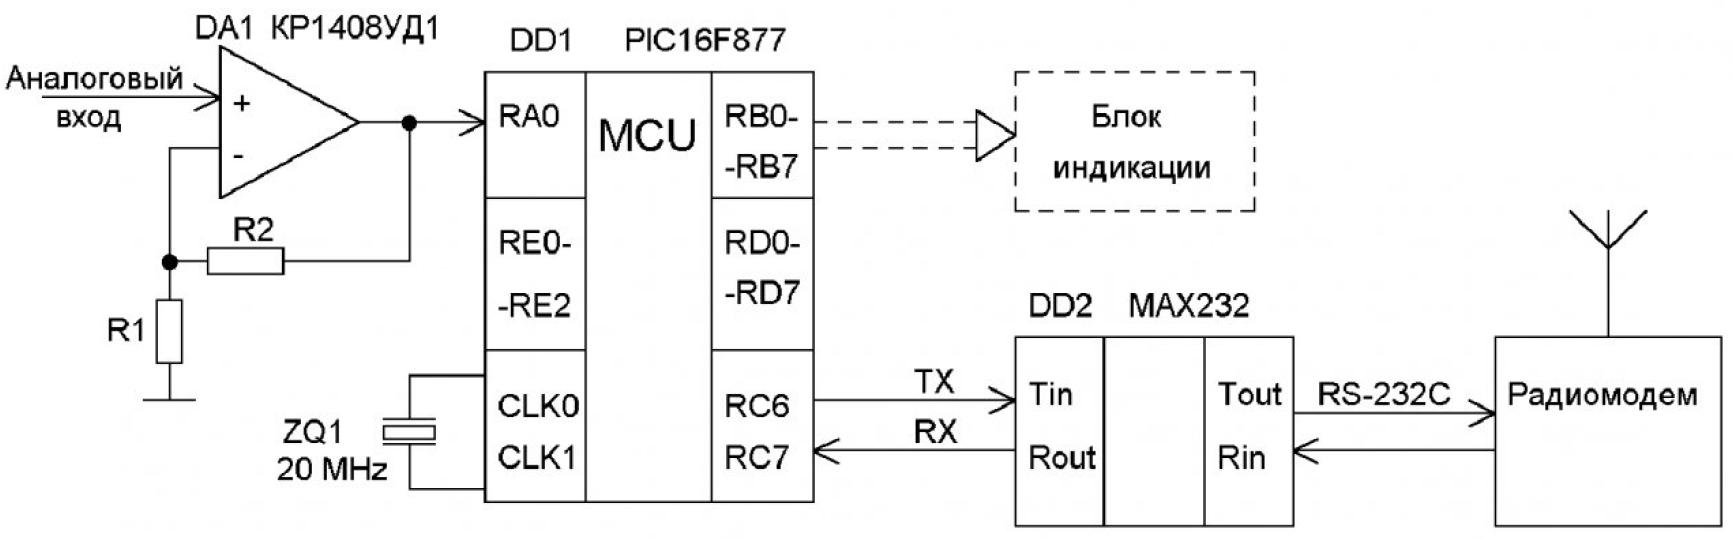 Разработка микропроцессорных устройств для первичной обработки информации с геофизических датчиков 1